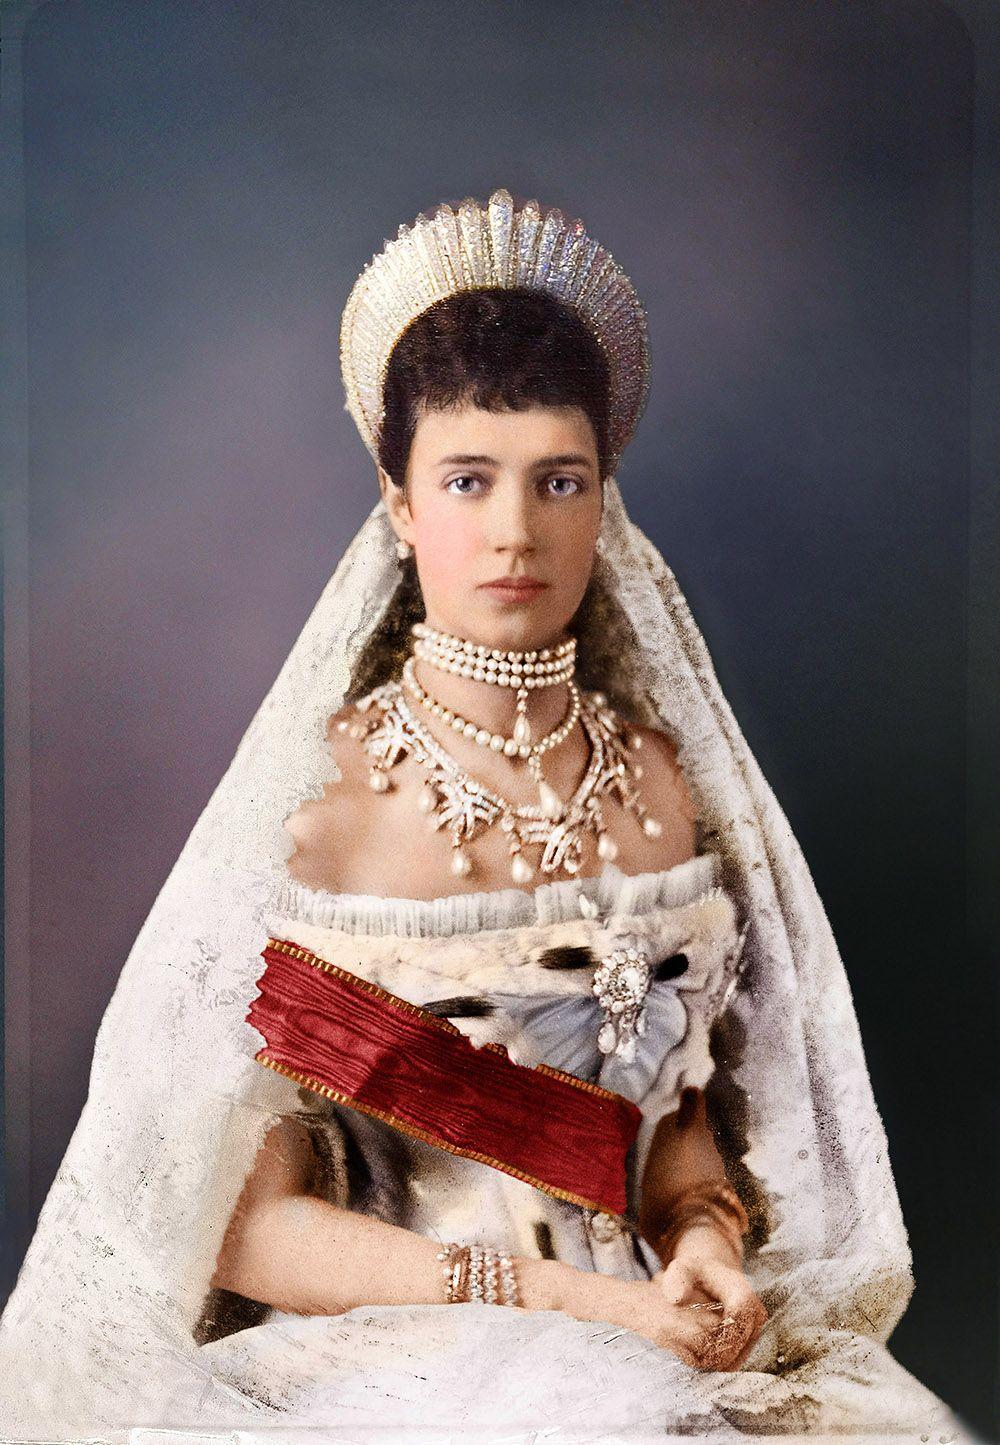 беспощадной охоты свадебное фото александры федоровны романовой была потрясена всего